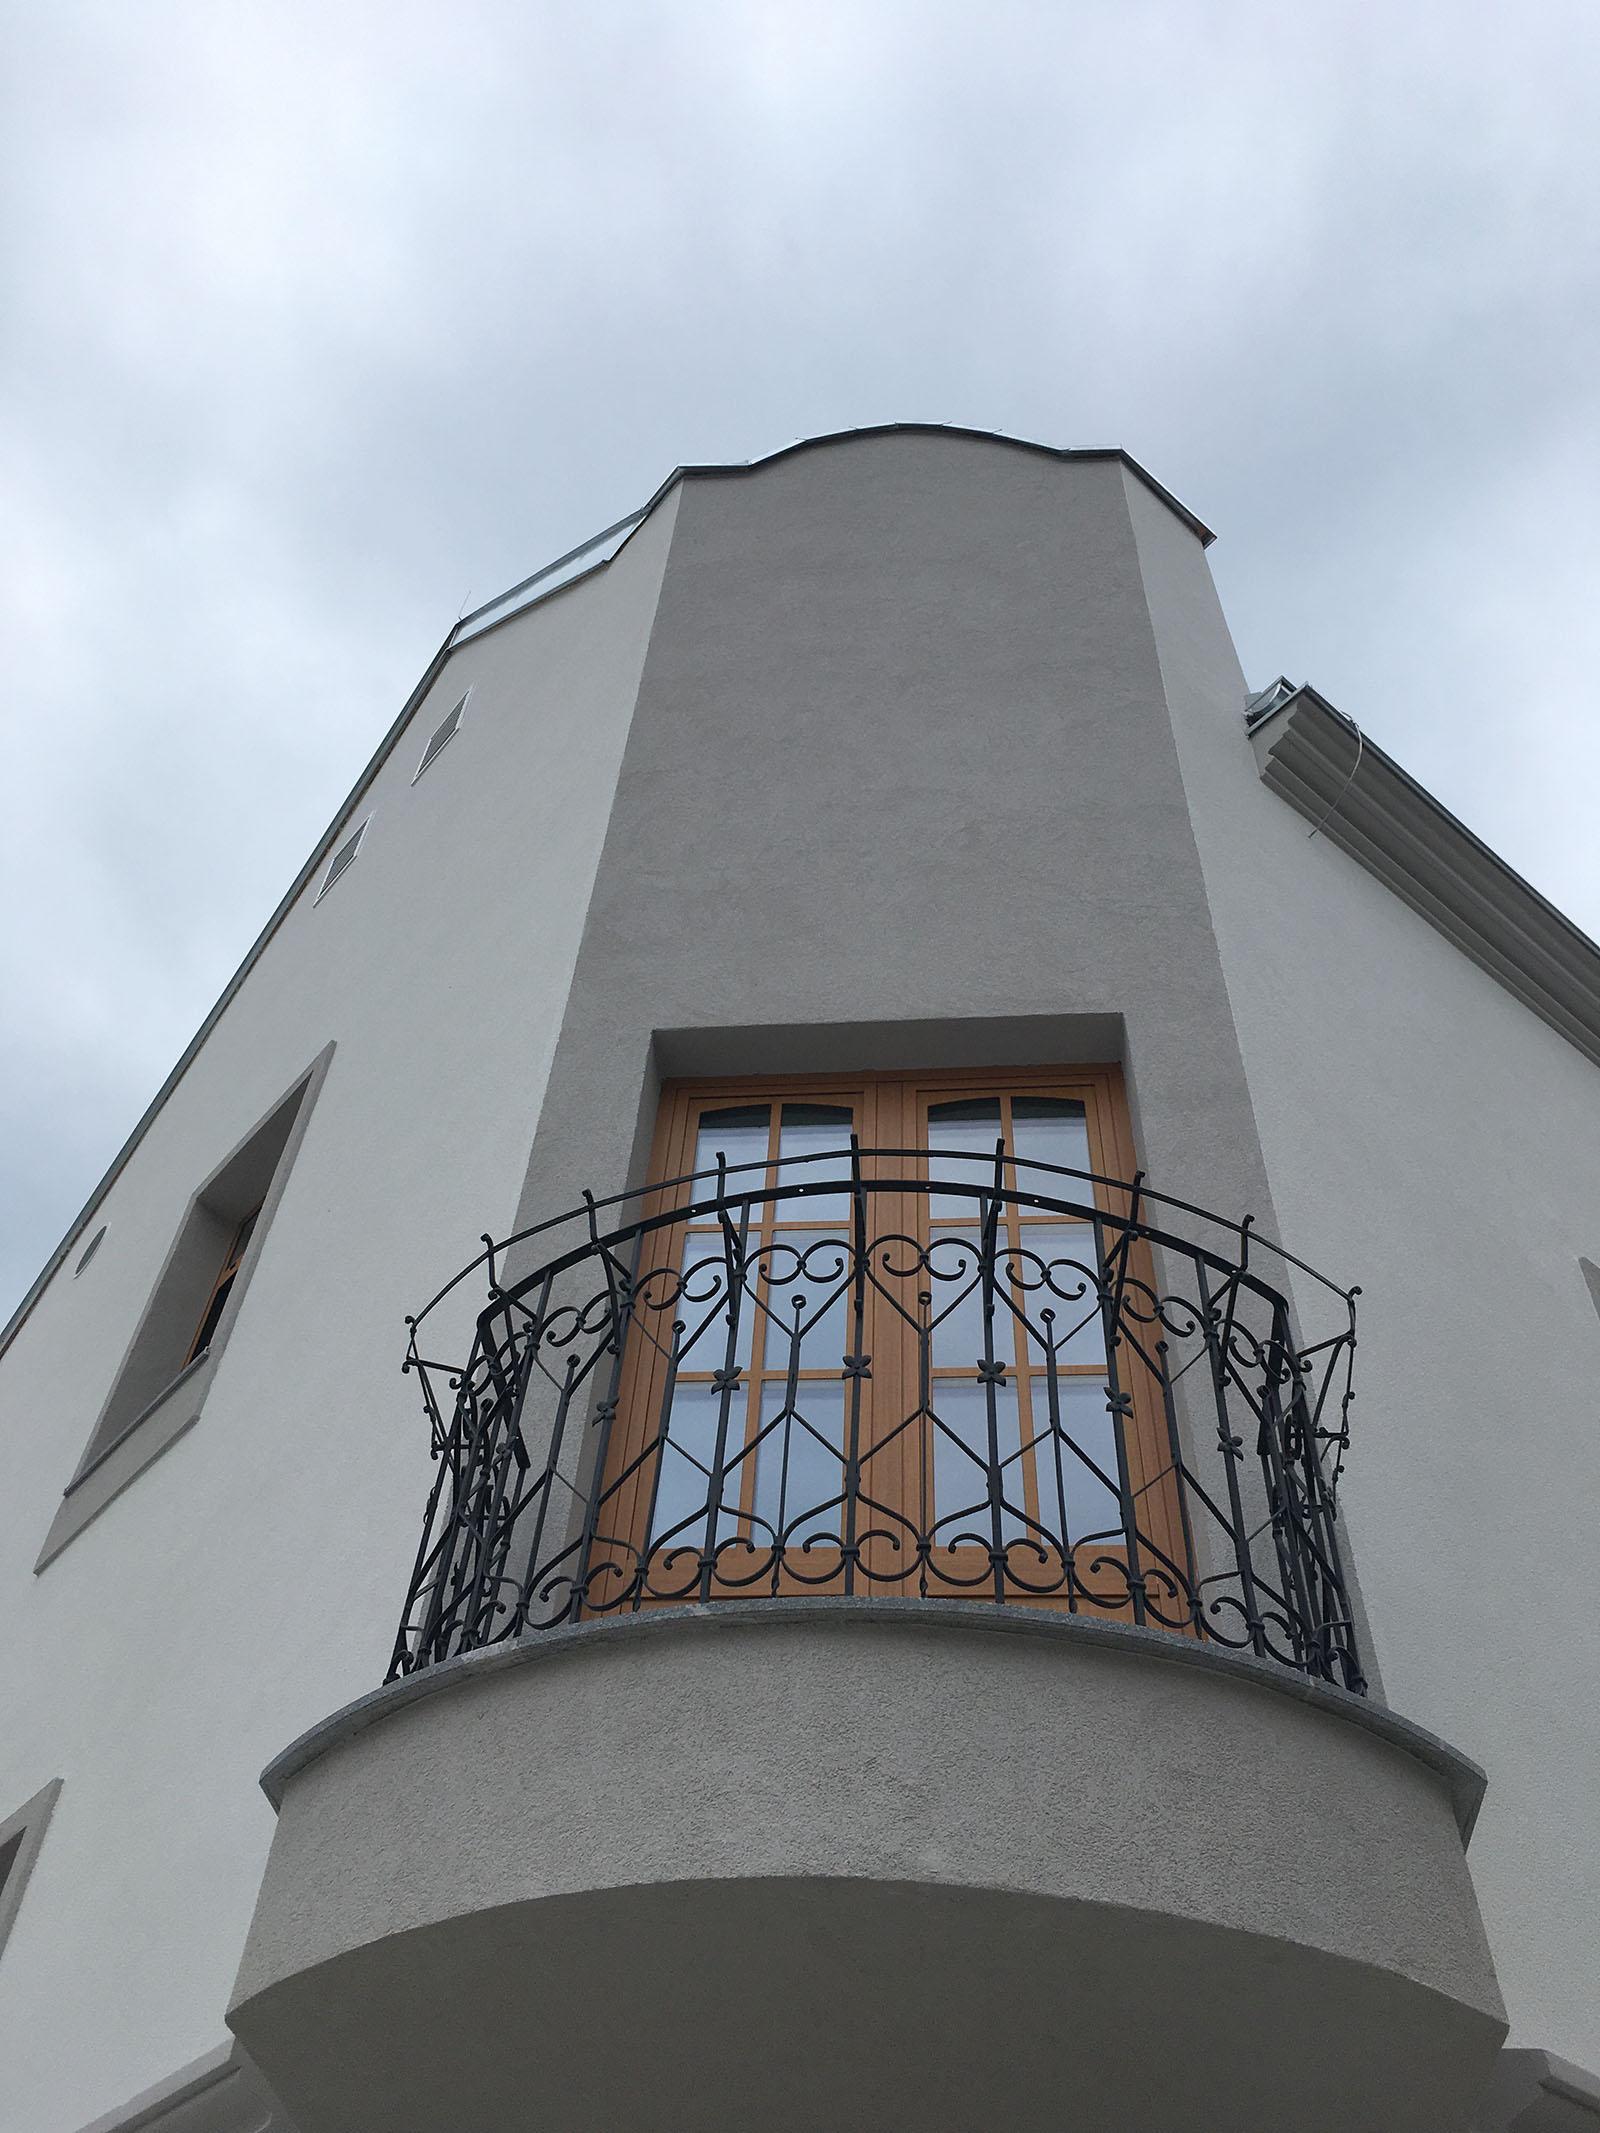 Ograja na balkonu že sije v vsej svoji lepoti